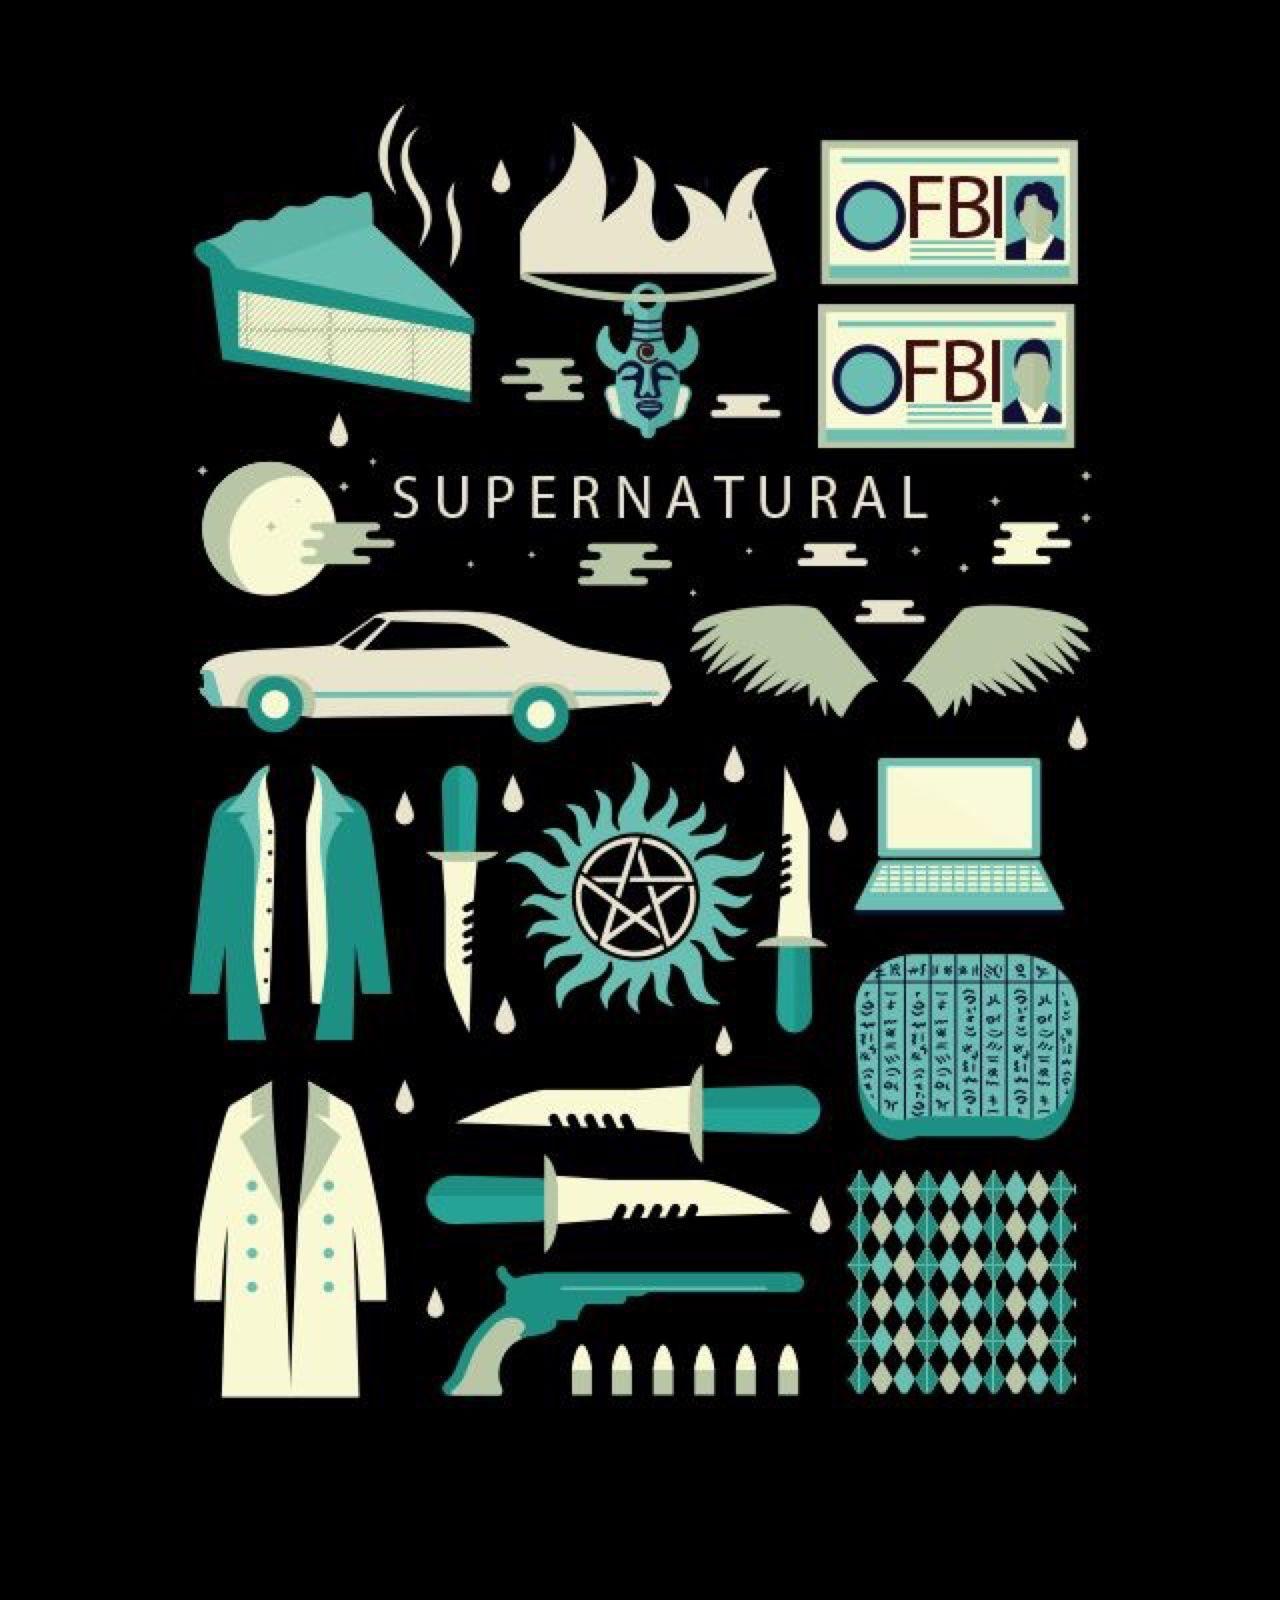 supernatural wallpaper Tumblr Supernatural wallpaper